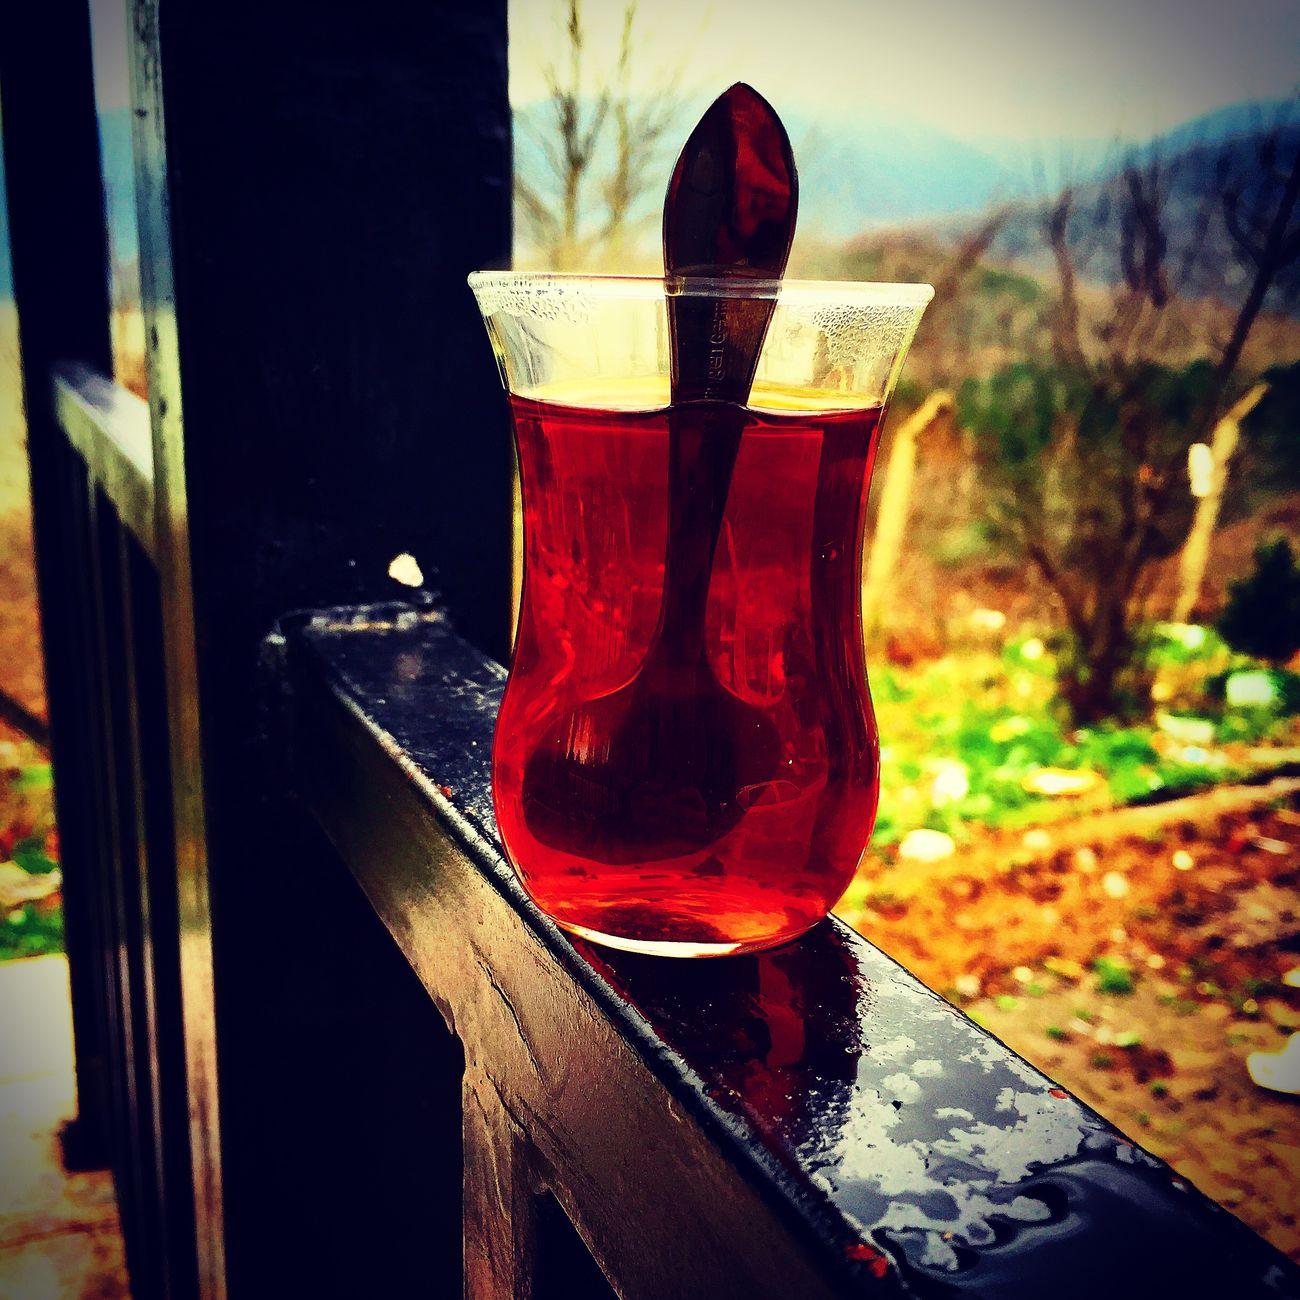 Cay Keyfi Manzarası Güzel Yerlerde Yapılır Daha Iyi Olur 😊 Semaverde çay 😎